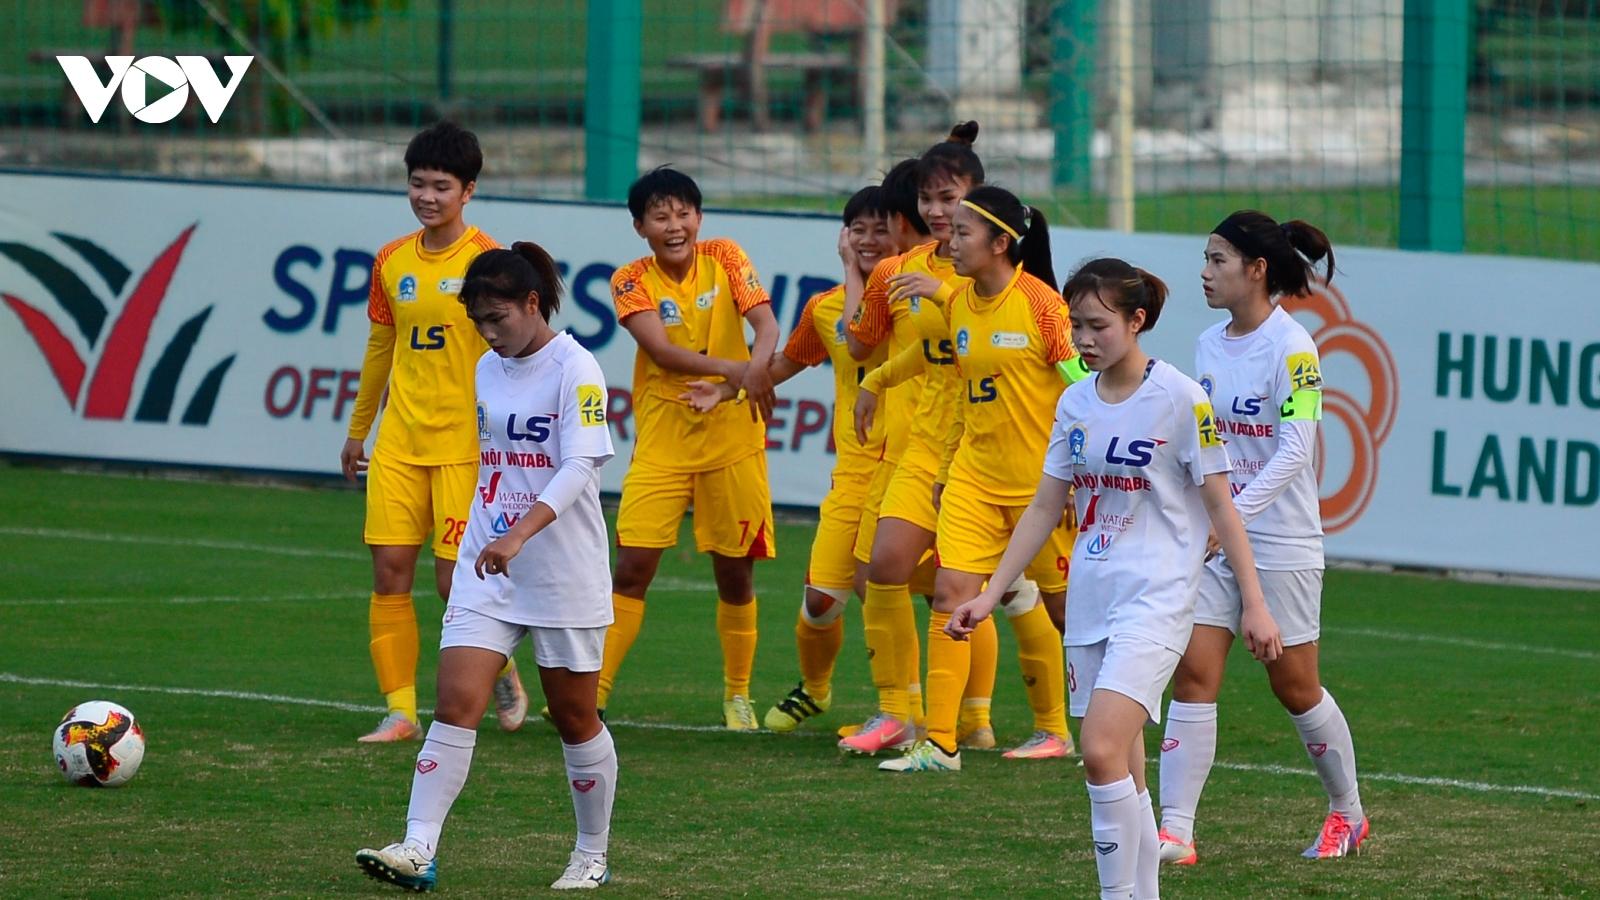 Huỳnh Như ghi bàn, TPHCM I vô địch lượt đi Giải bóng đá nữ VĐQG 2020